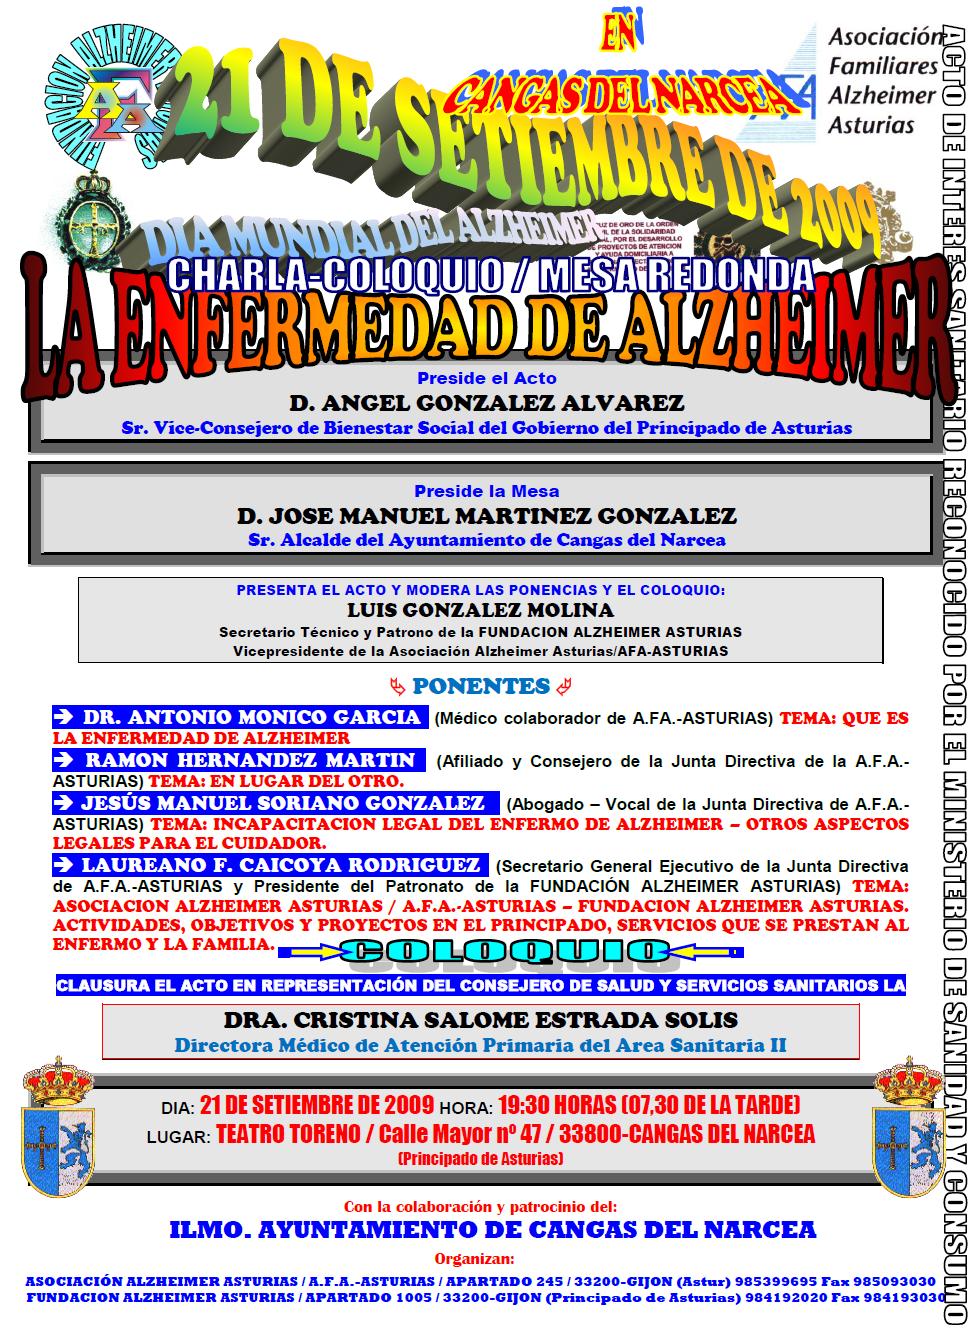 cangas-del-narcea-2009